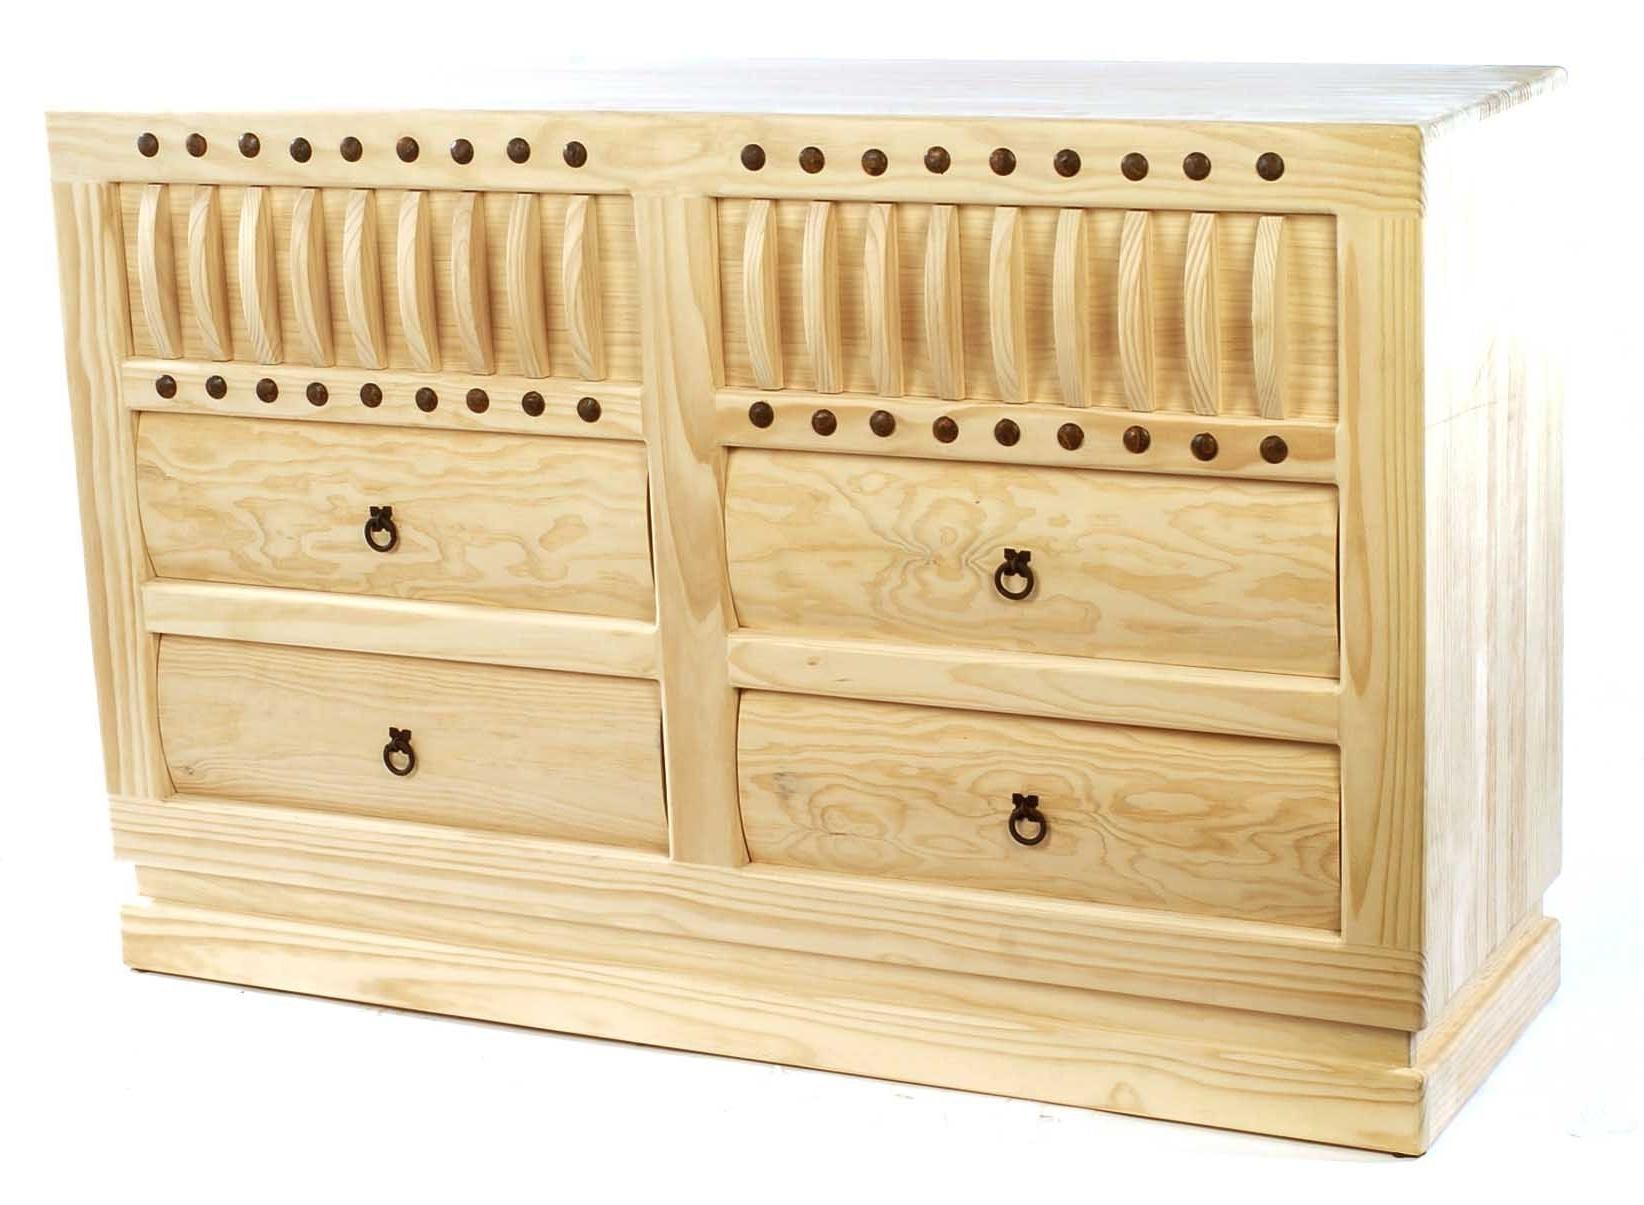 Muebles Sin Pintar X8d1 Muebles De Madera Sin Tratar Lacar Muebles En Blanco Sin Lijar